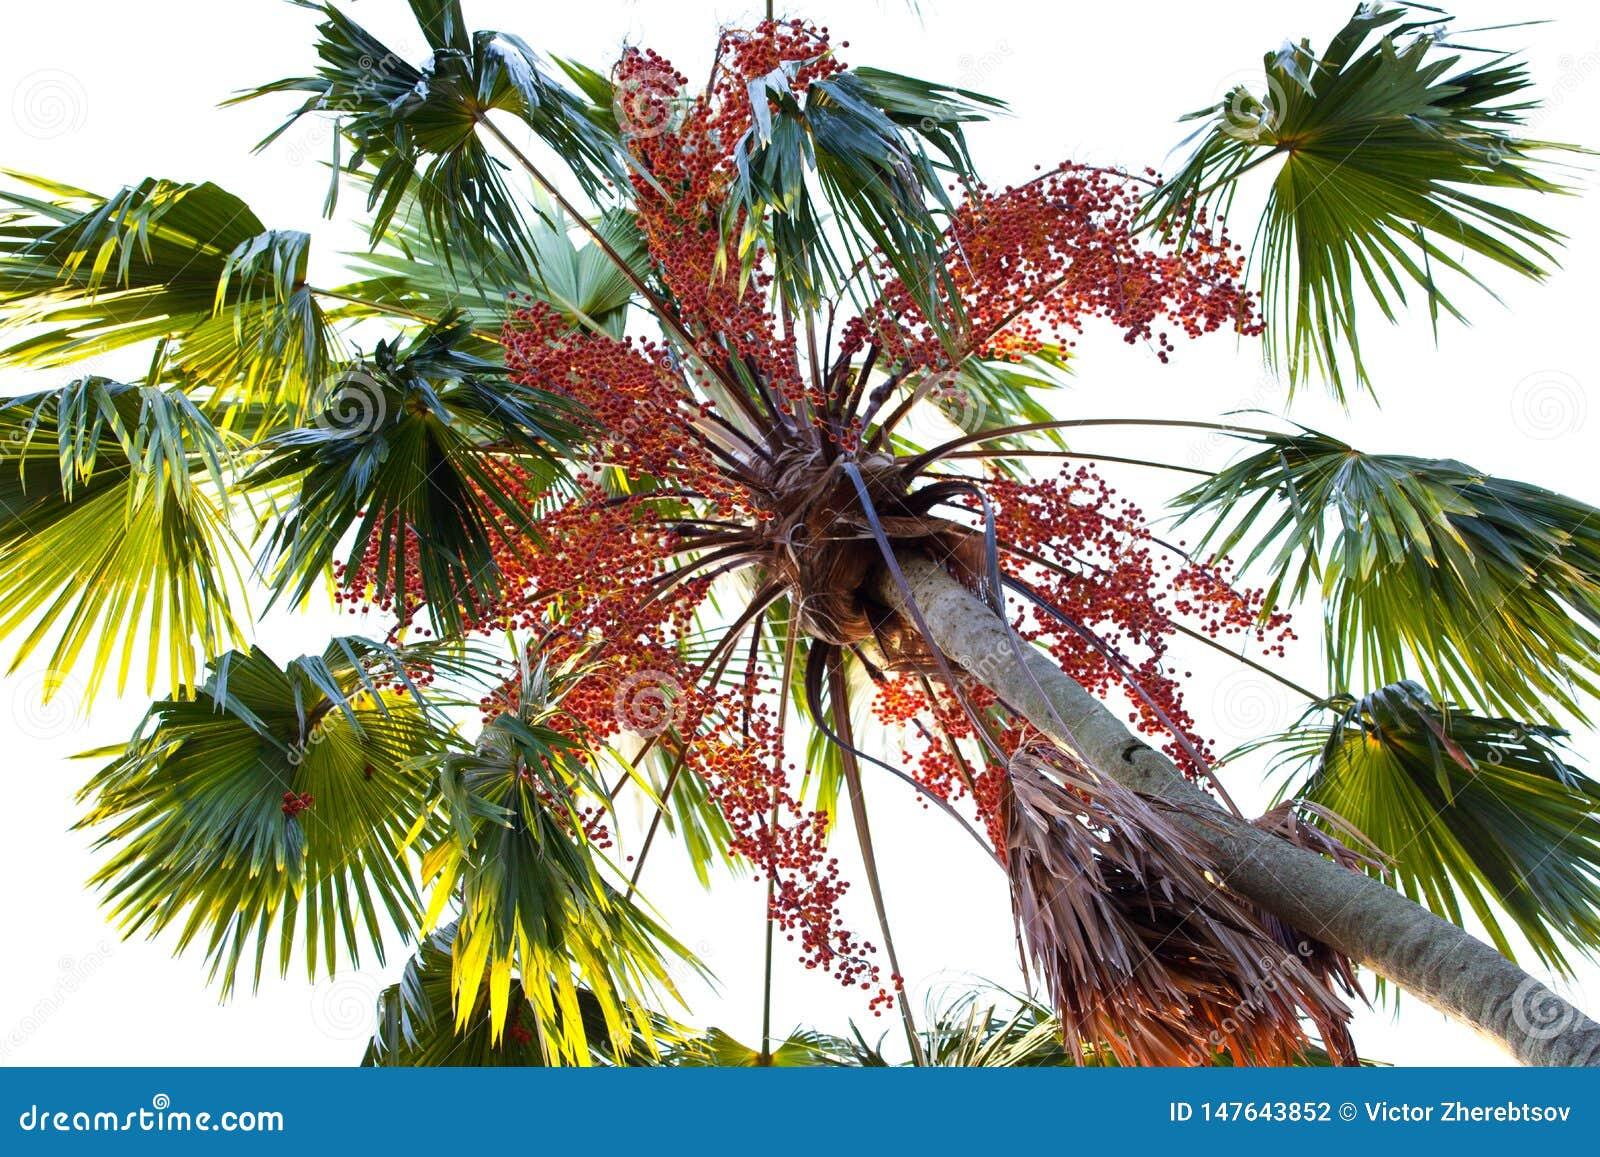 Een mening van een palm van onderaan met rode vruchten in het contralicht